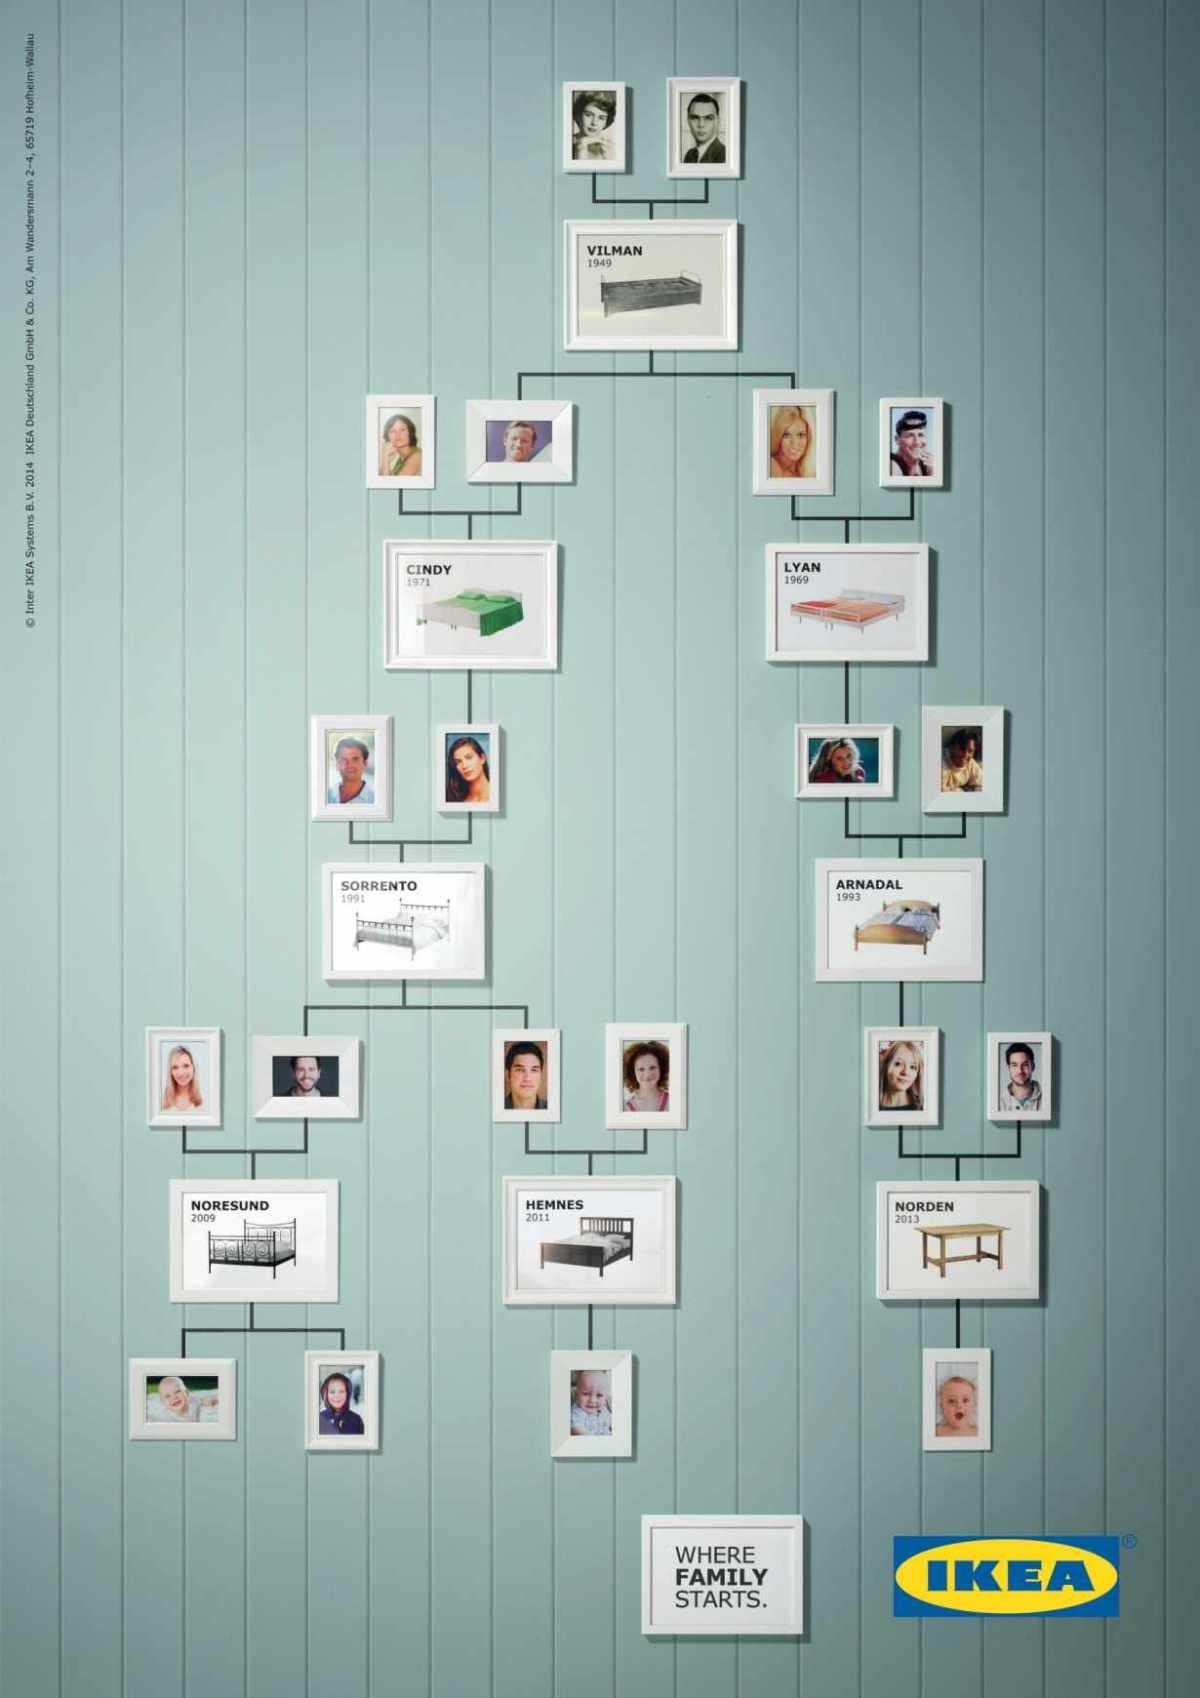 ikea_family_tree-03-kitchen_table_aotw